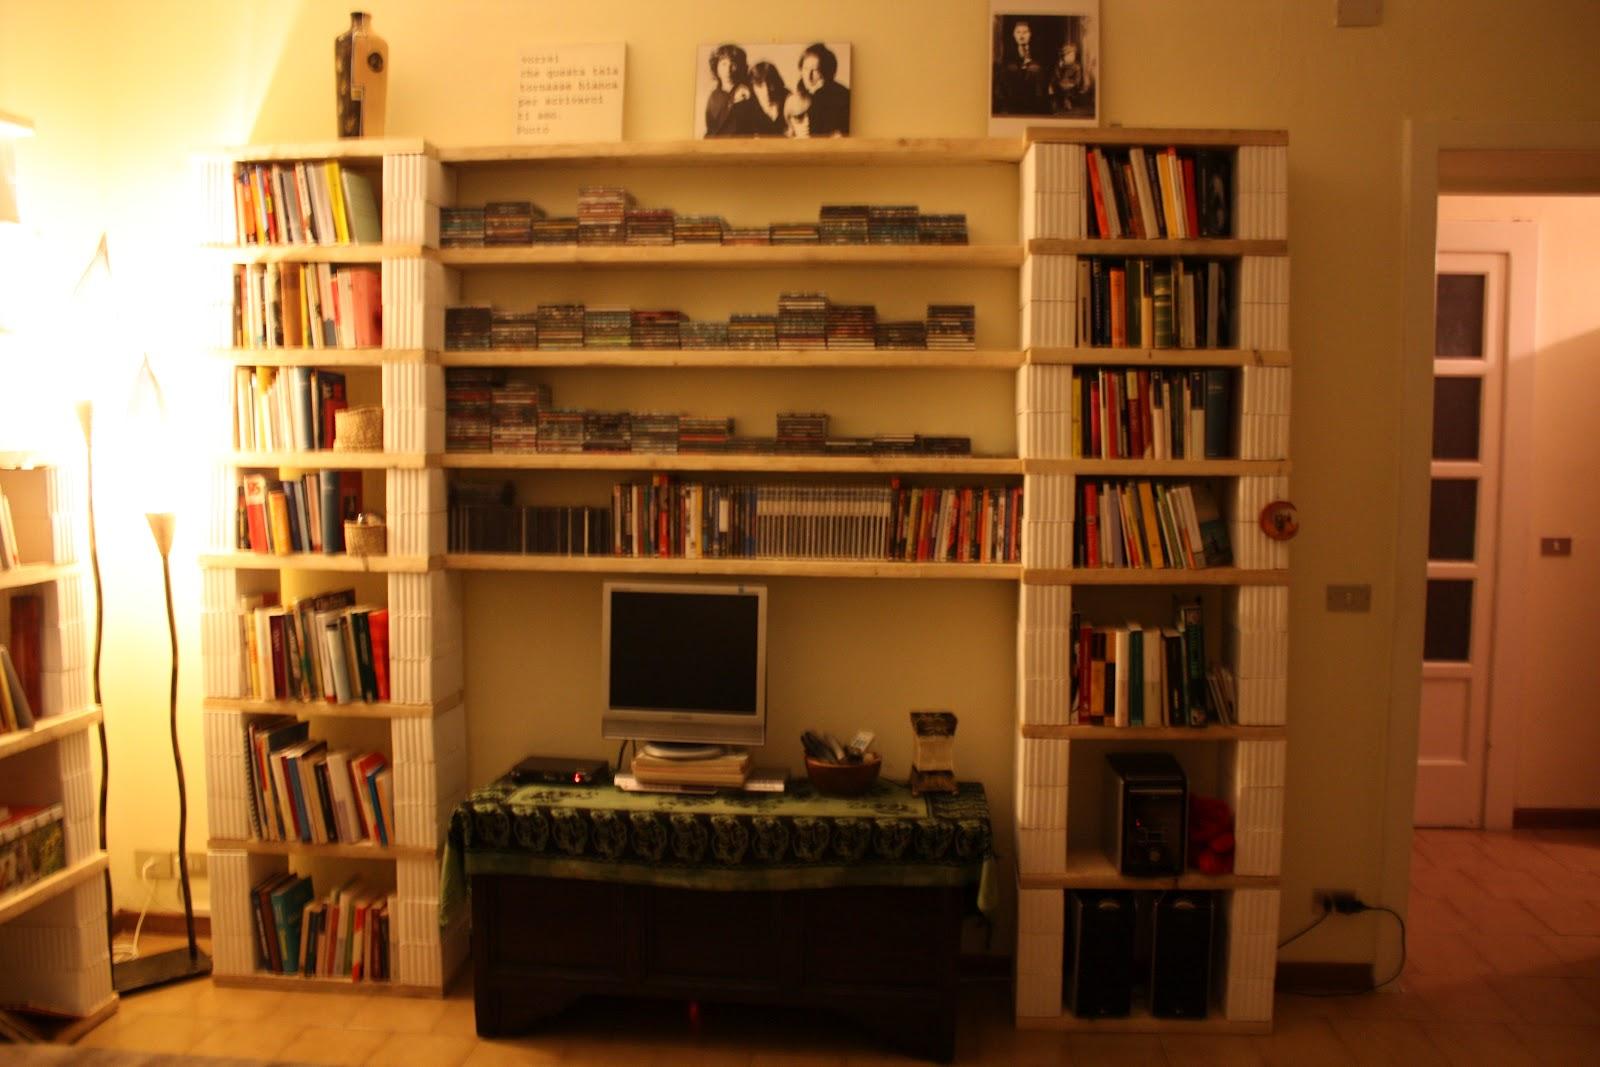 libreria assi-mattoni ponte | sbancali